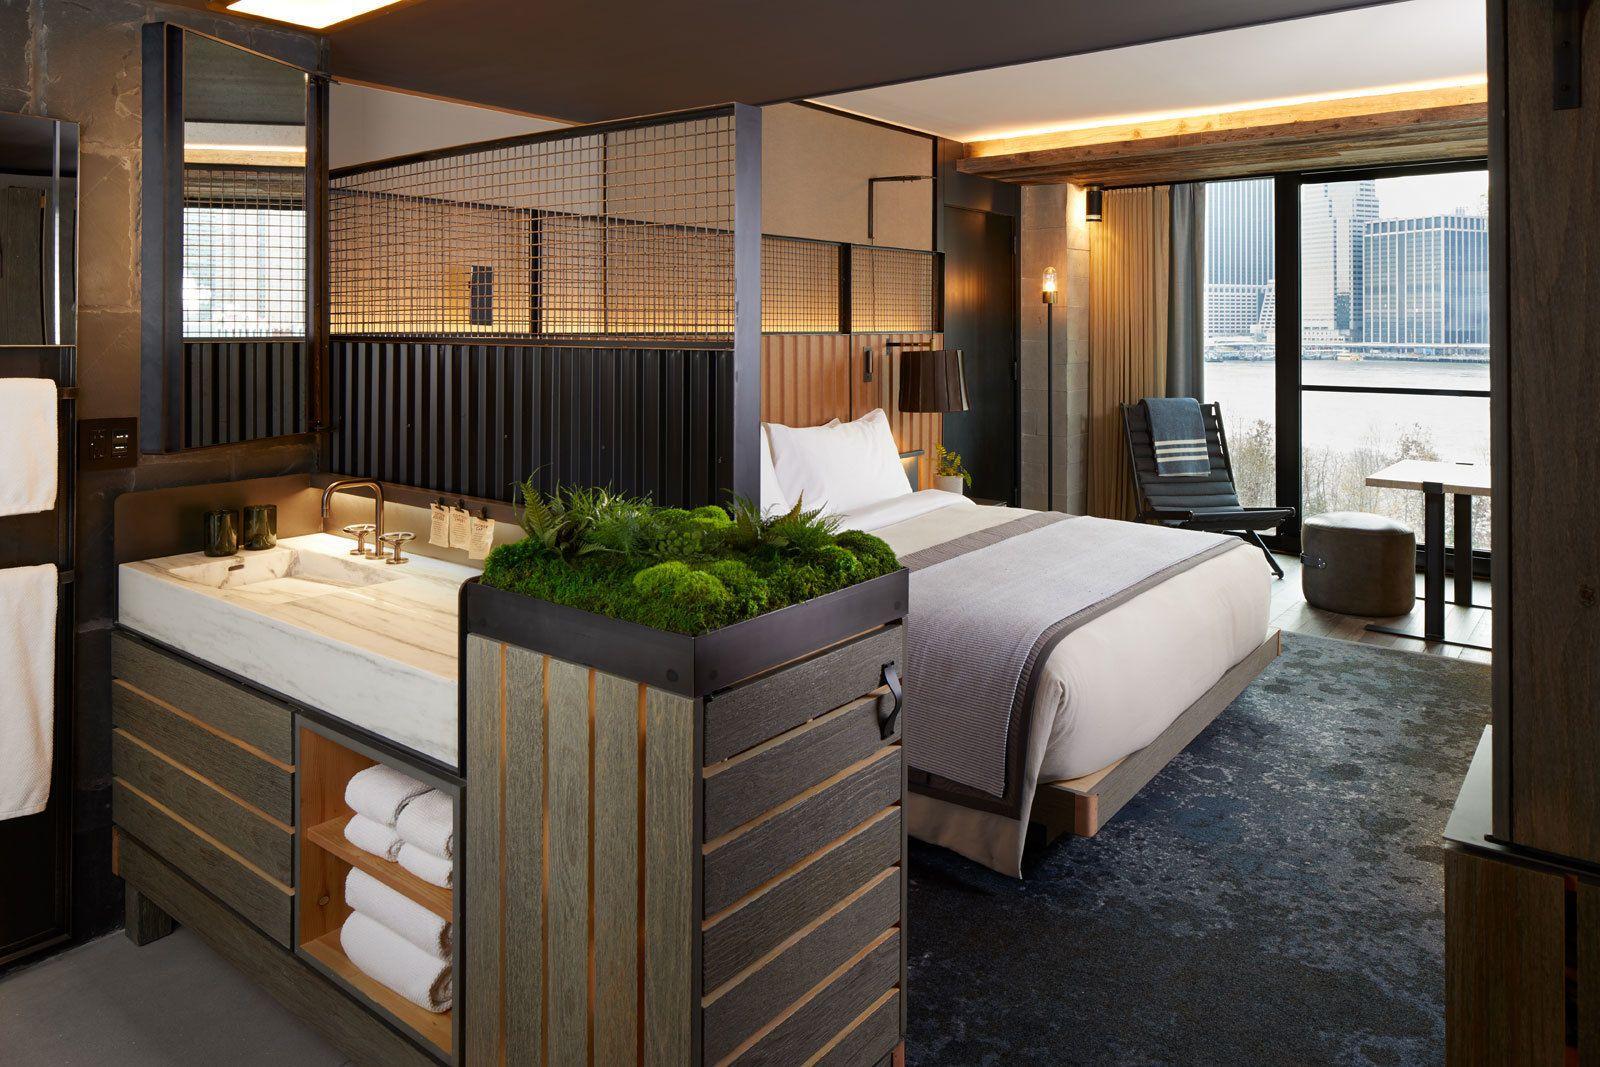 1 Hotel Brooklyn Bridge Nyc Brooklyn Hotels Hotel Room